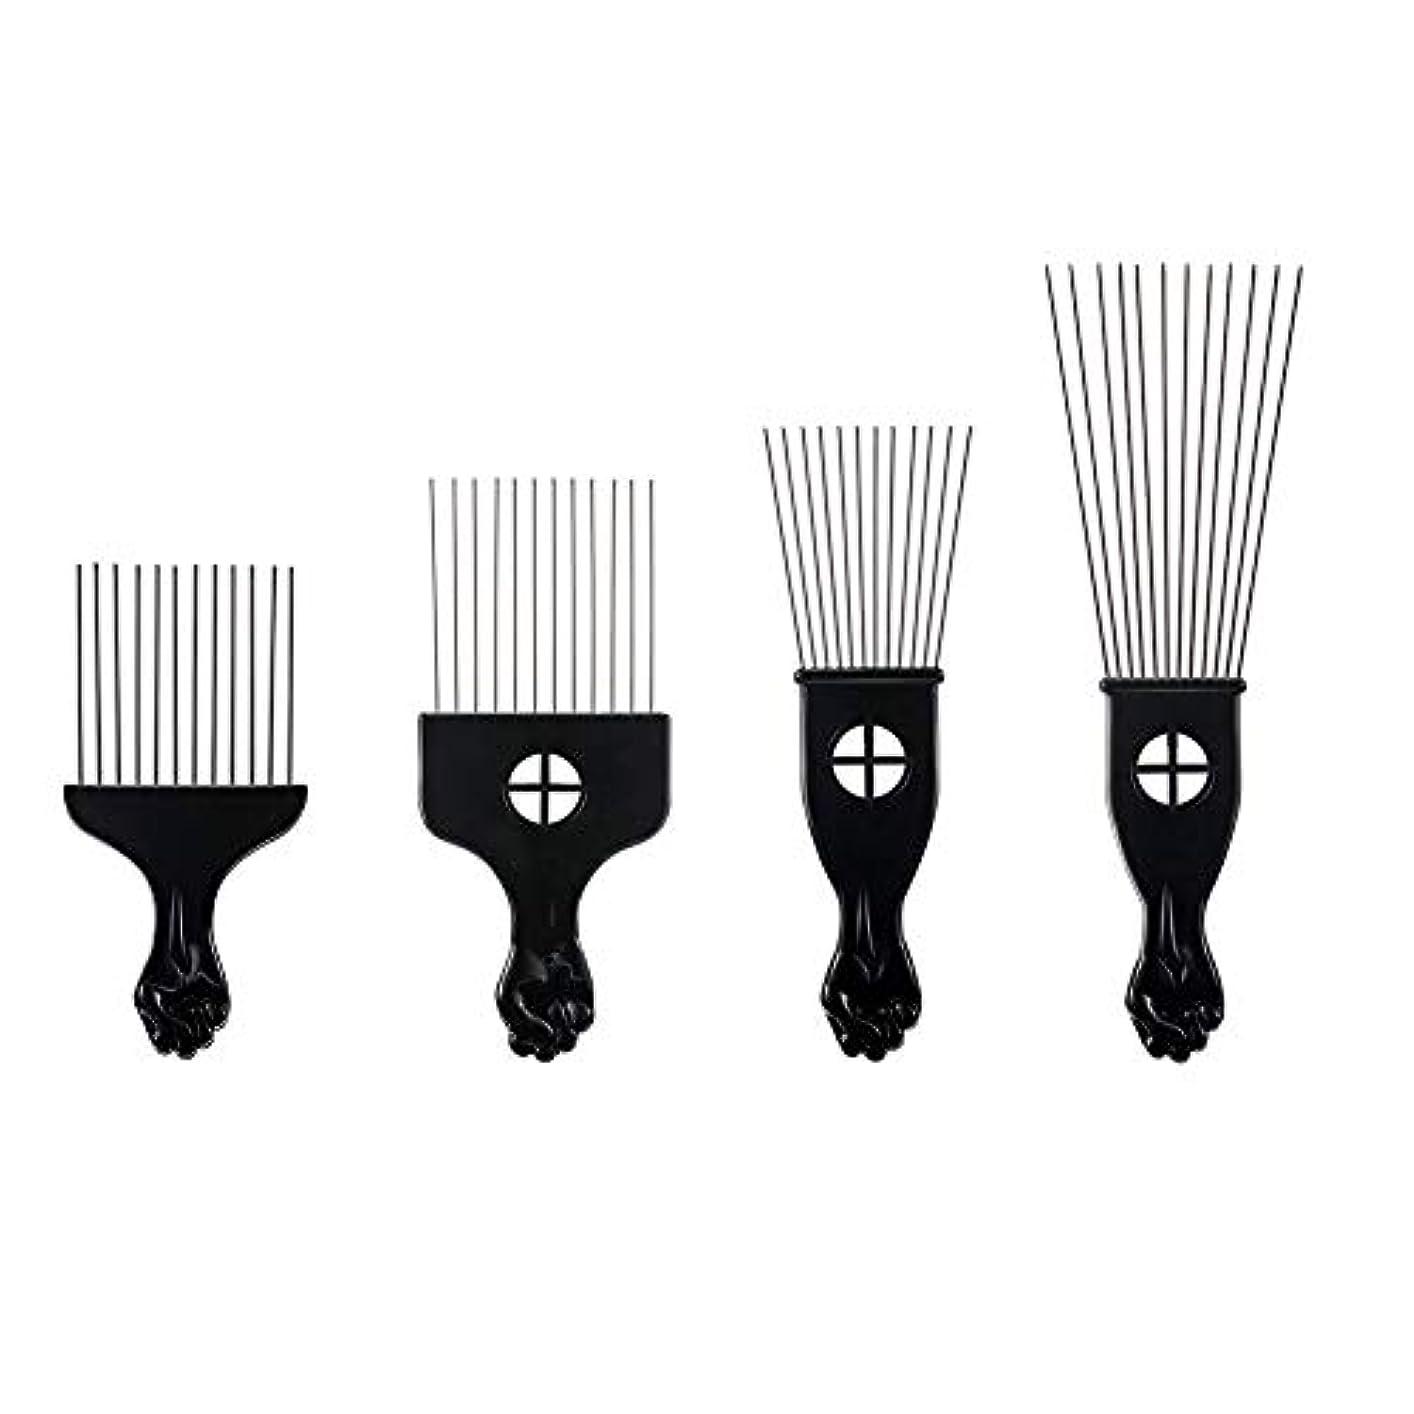 占める大気杭プラスチックフォークスチール針櫛歯4毛櫛ヘアピン挿入ツールの櫛髪